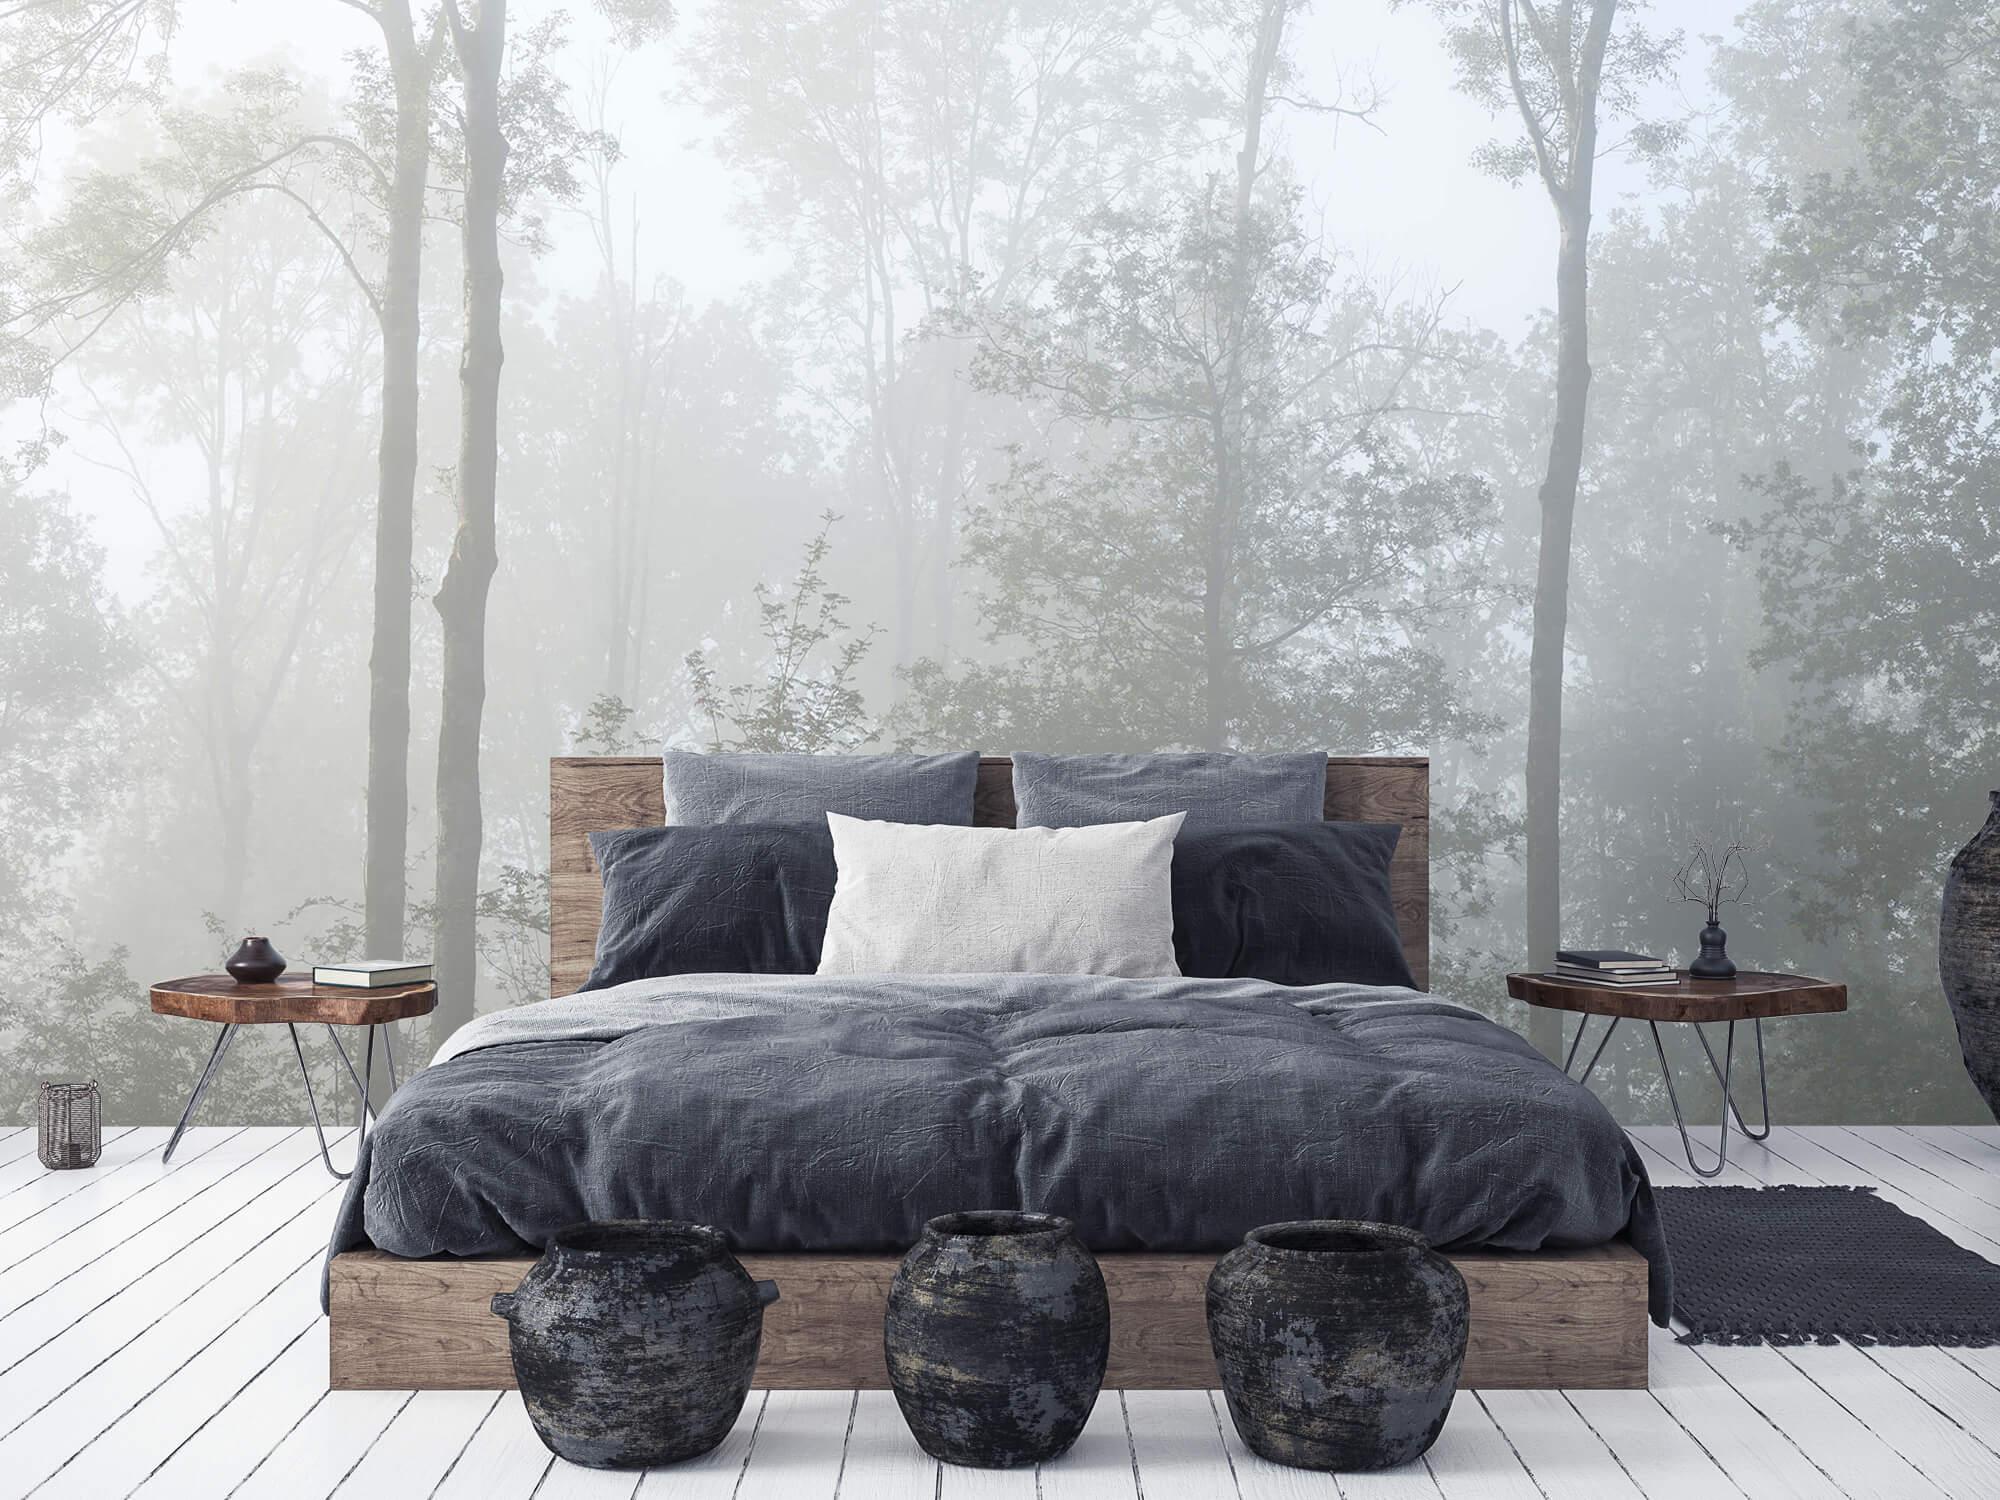 Bos behang Dichte mist in het bos 7